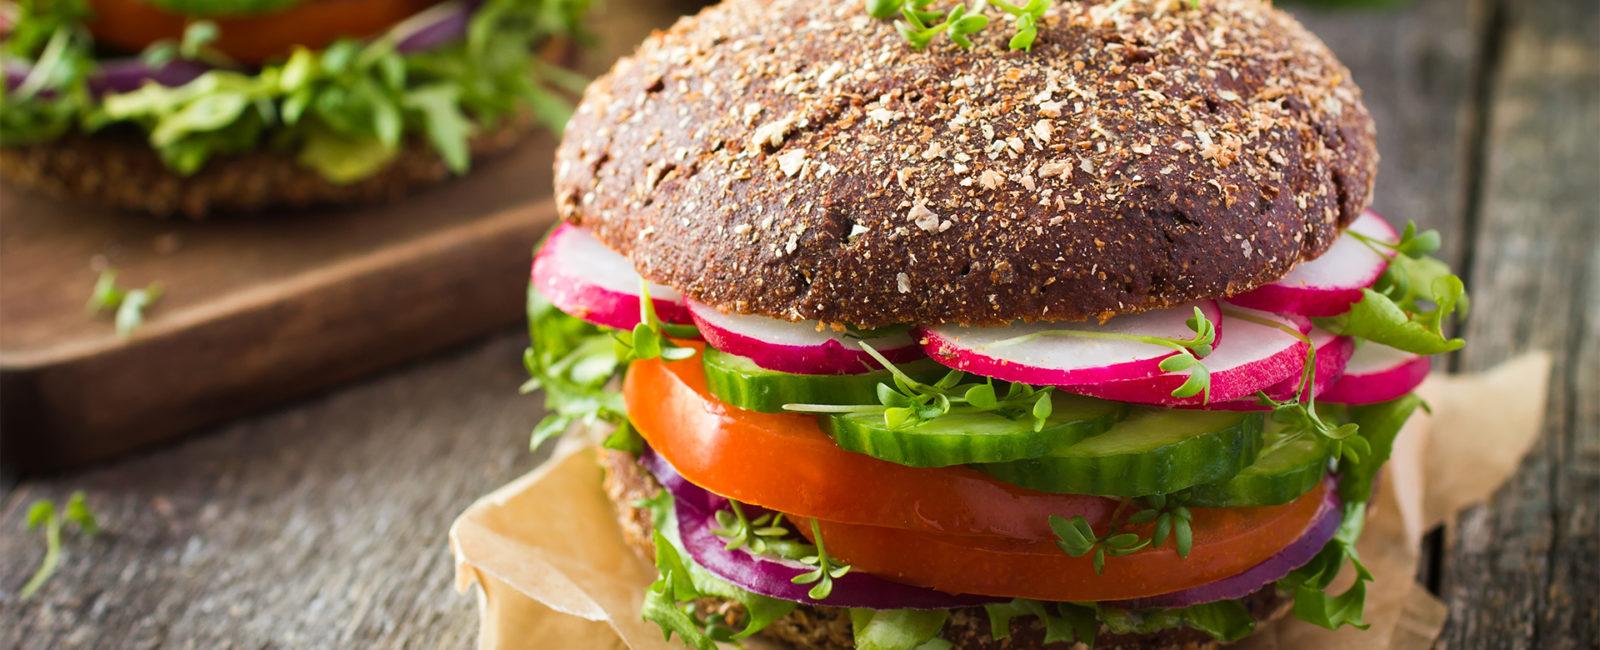 Mangelerscheinungen von veganer Ernährung - Assoziationsfoto veganer Burger